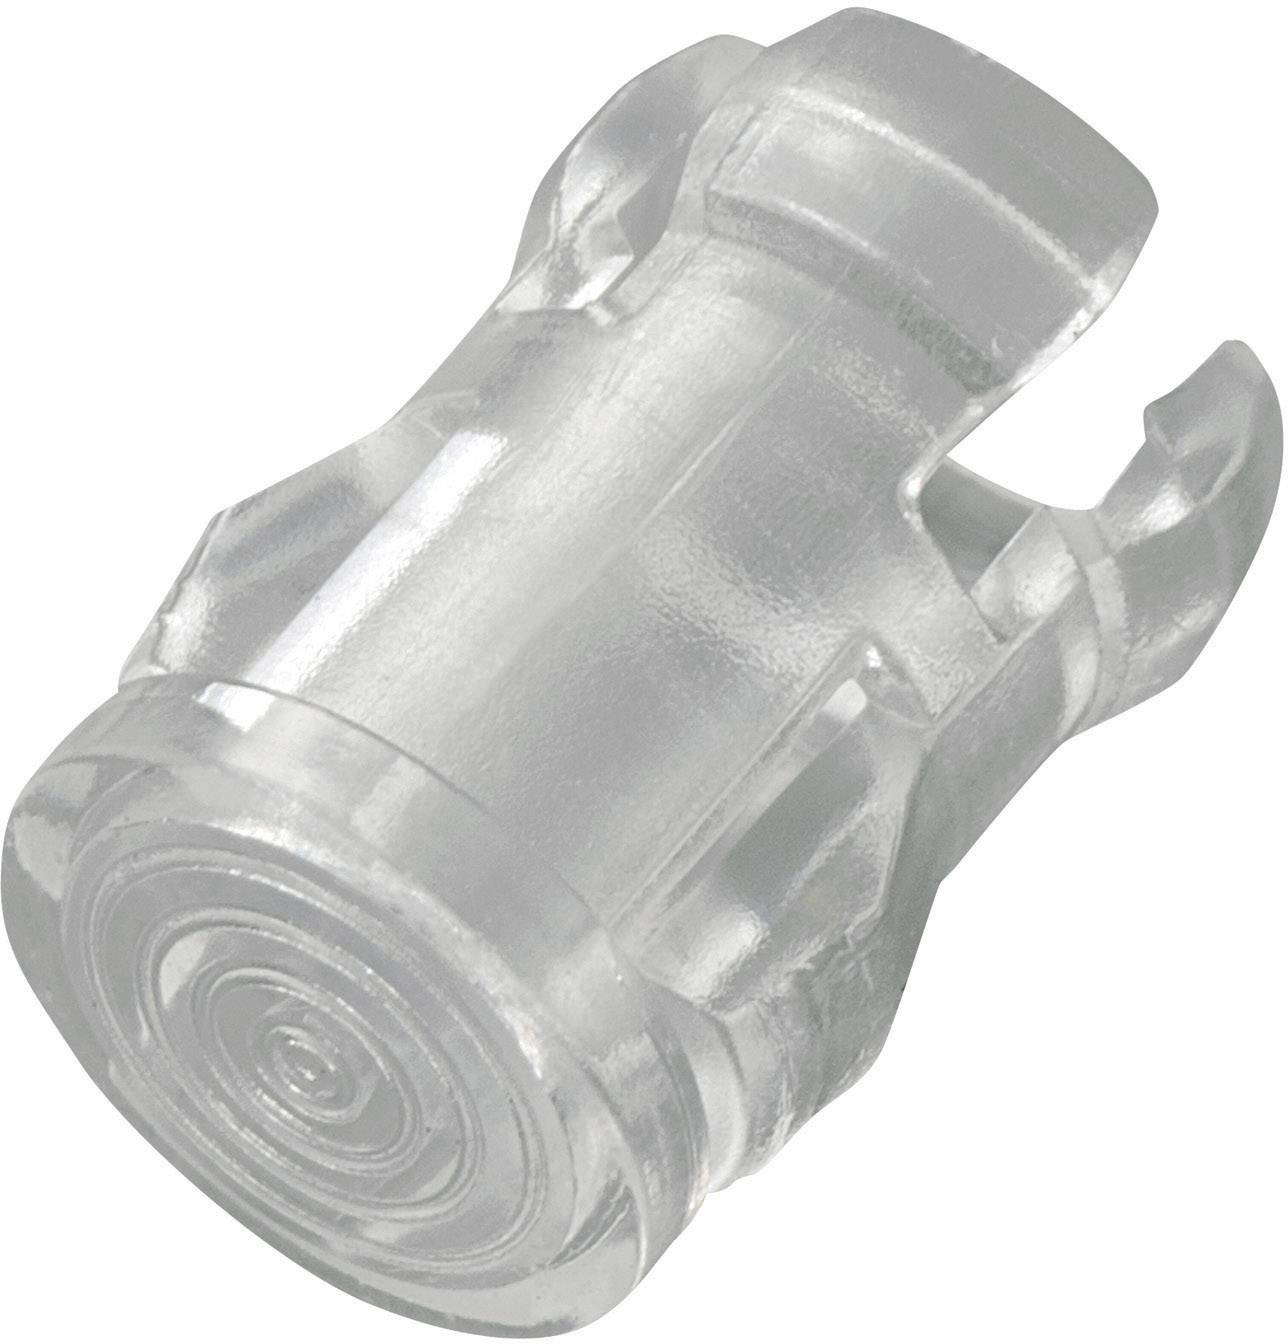 Světelná krytka, EDK-5A-PCW, 5 mm, (Ø x v) 7 mm x 10.9 mm, transparentní